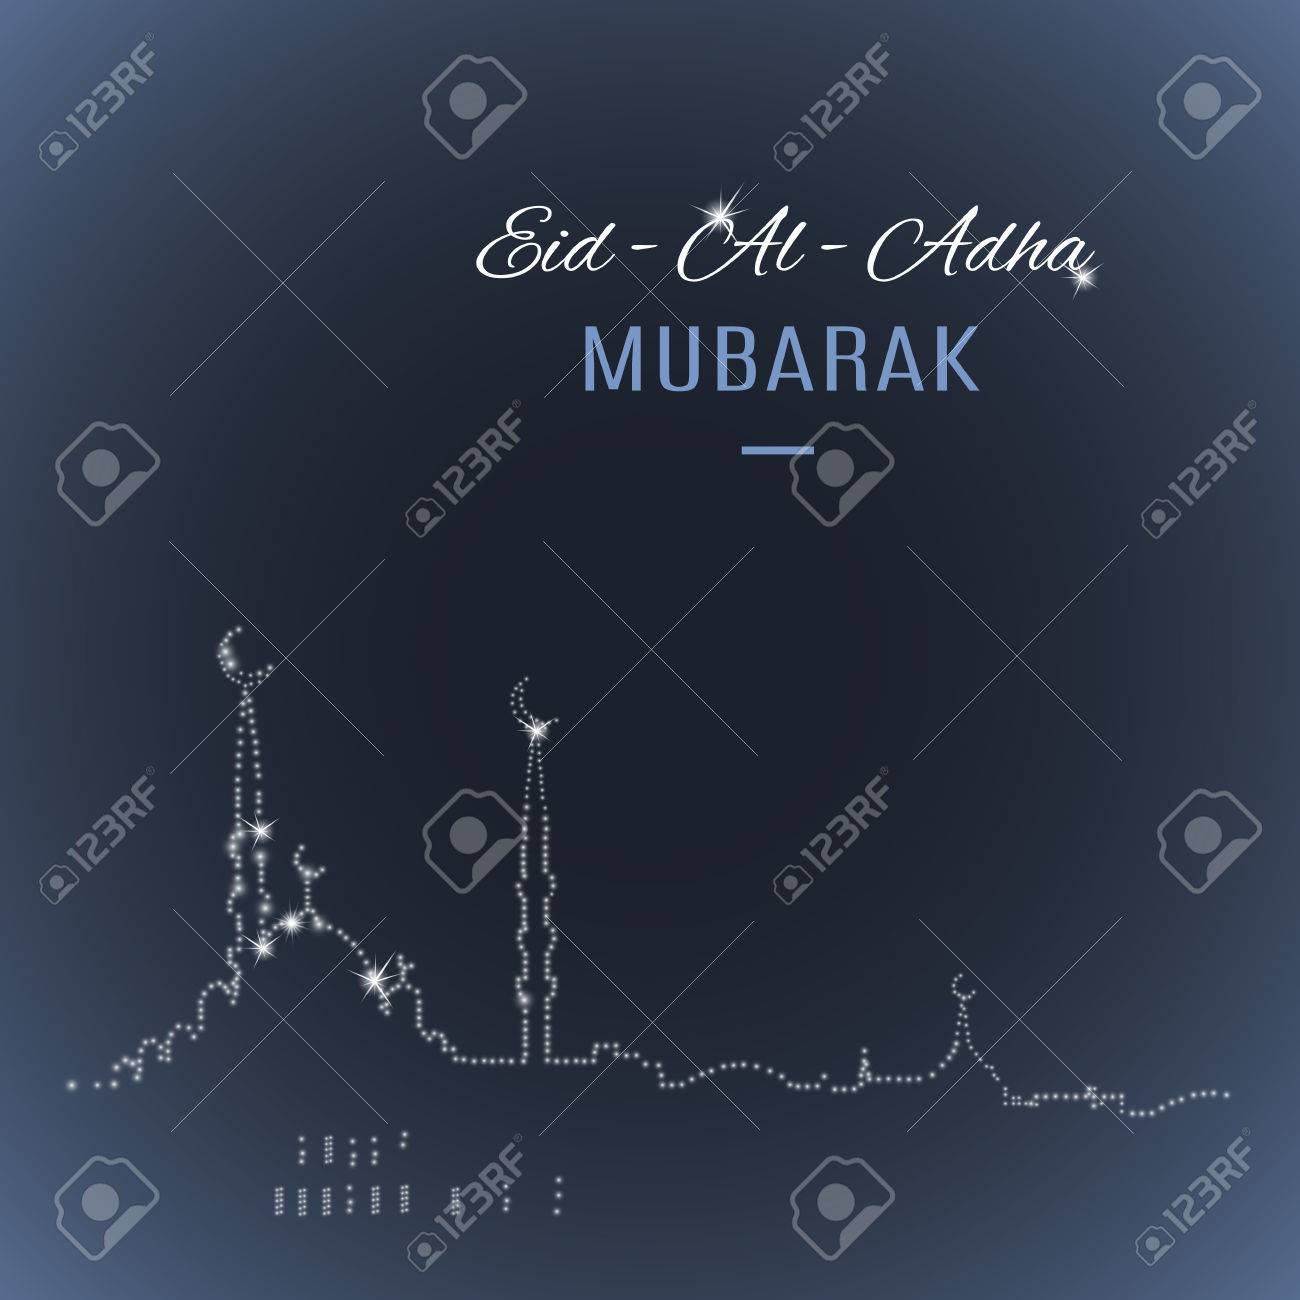 Arabic Islamic Holiday Eid Al Adha Mubarak Greeting Card With